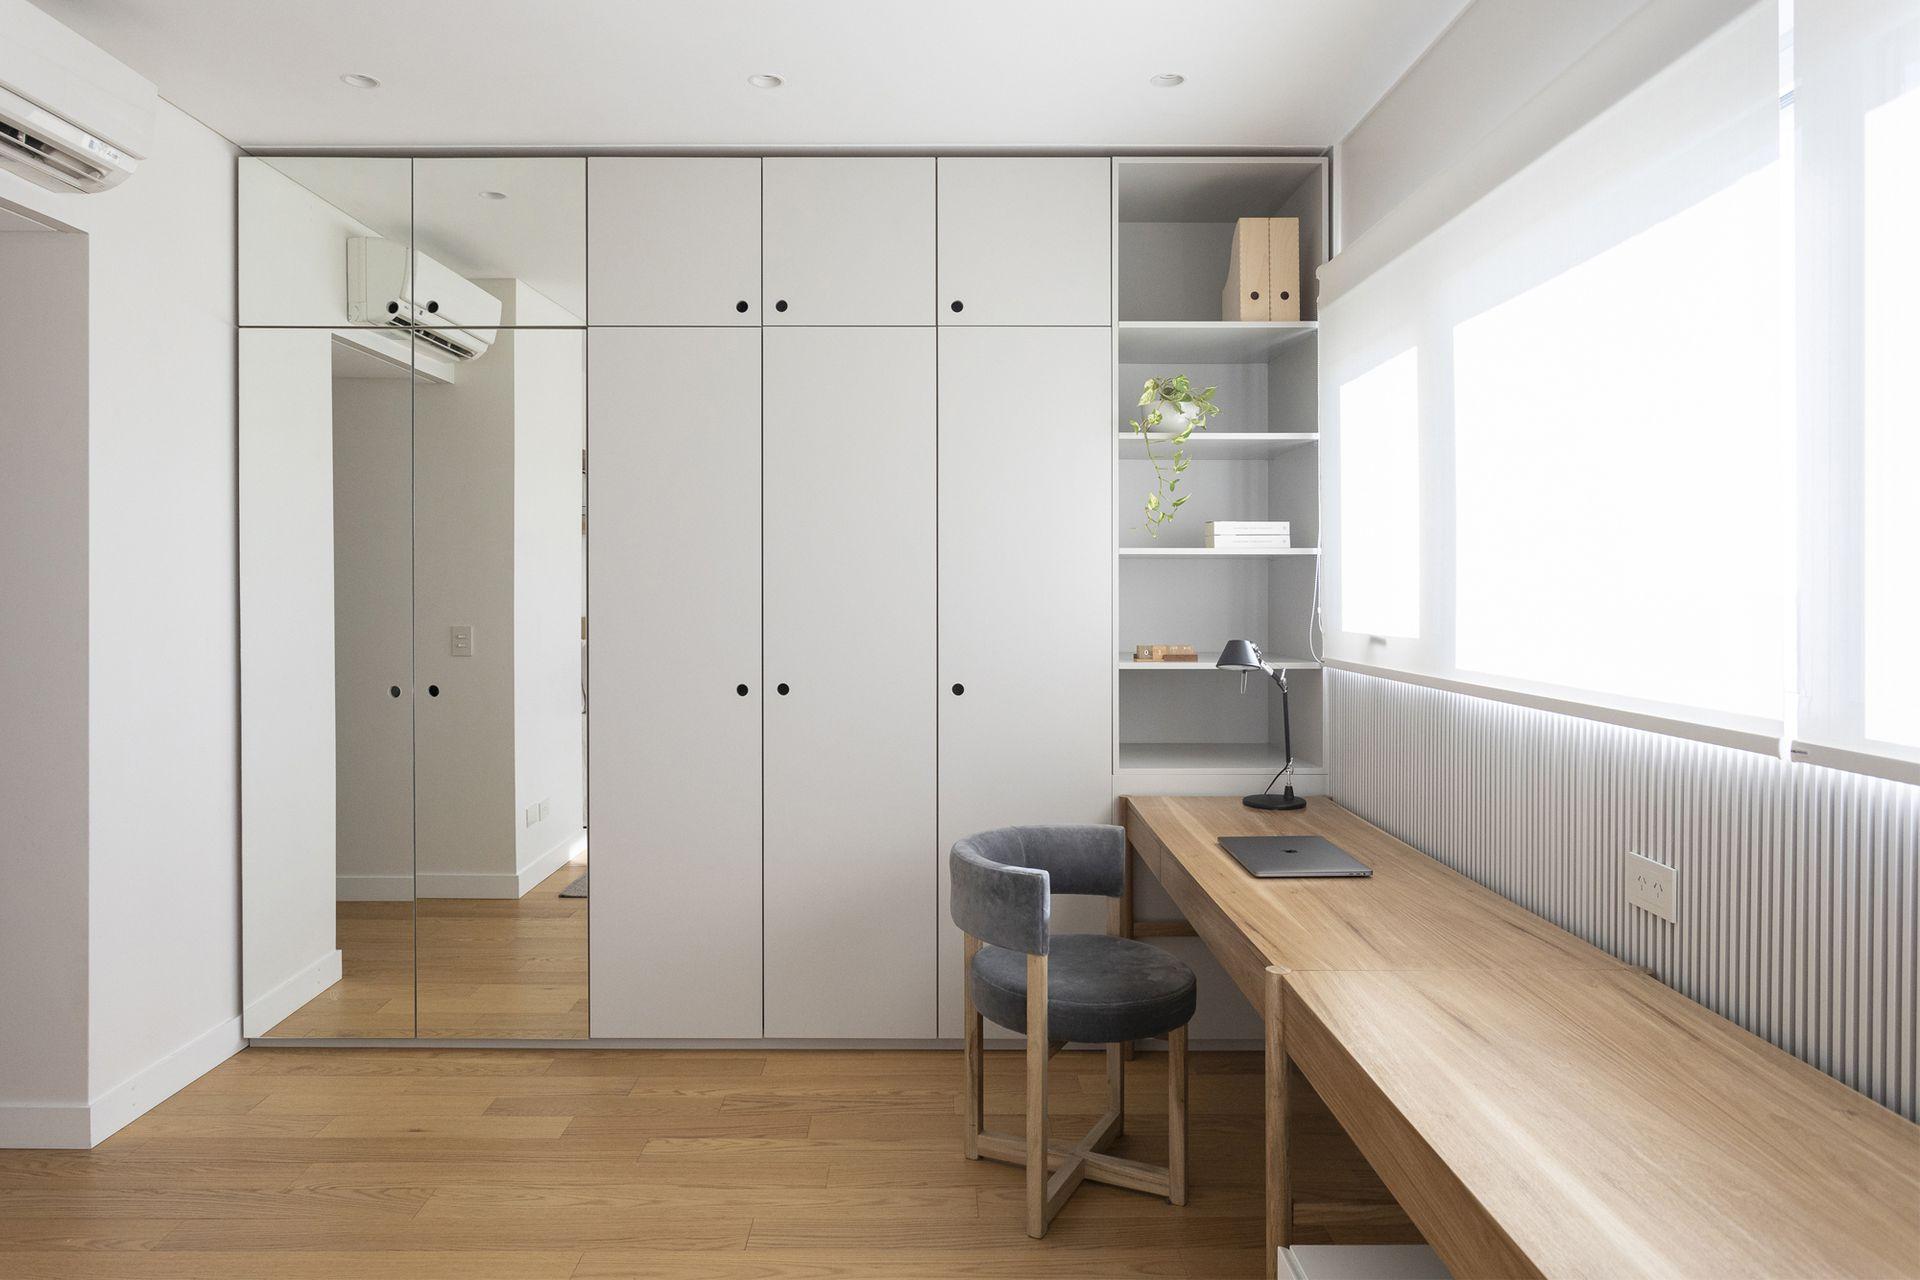 Originalmente, el placar tenía todas las puertas espejadas; dejaron solo dos paños de ese material y reemplazaron las demás con madera laqueada, además de realizar los interiores.